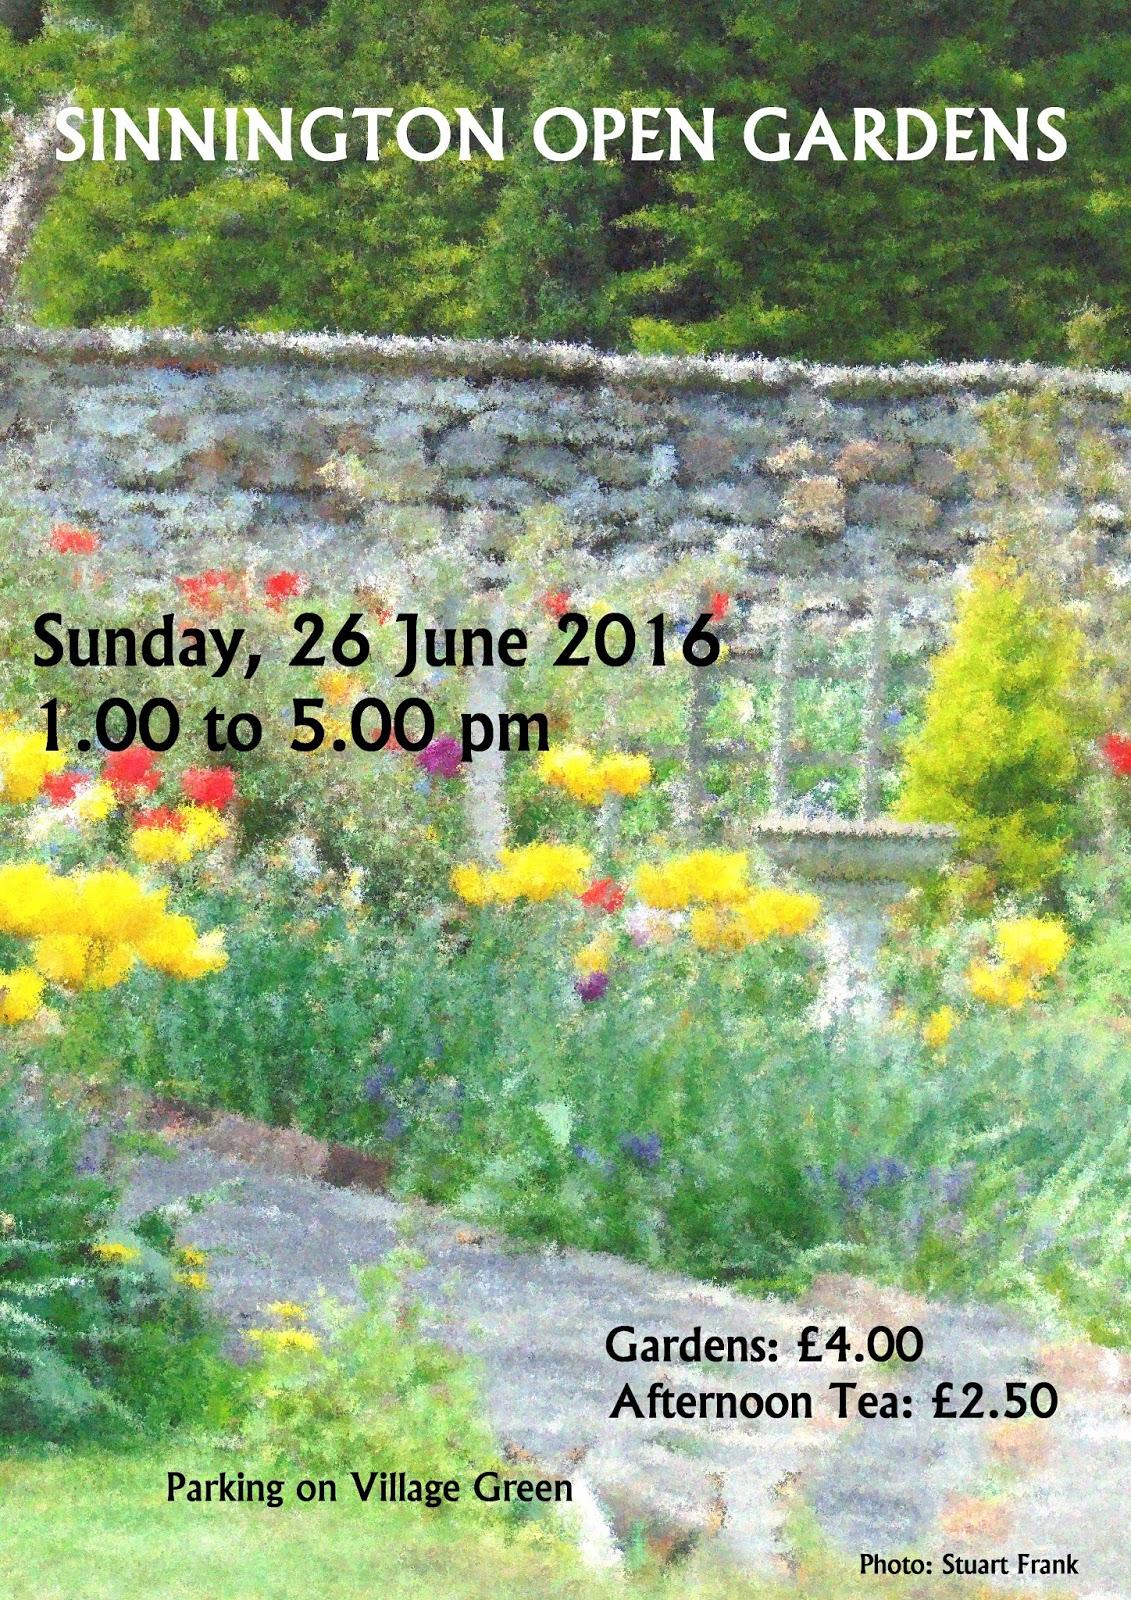 sinnington open gardens sunday 26th june 2016